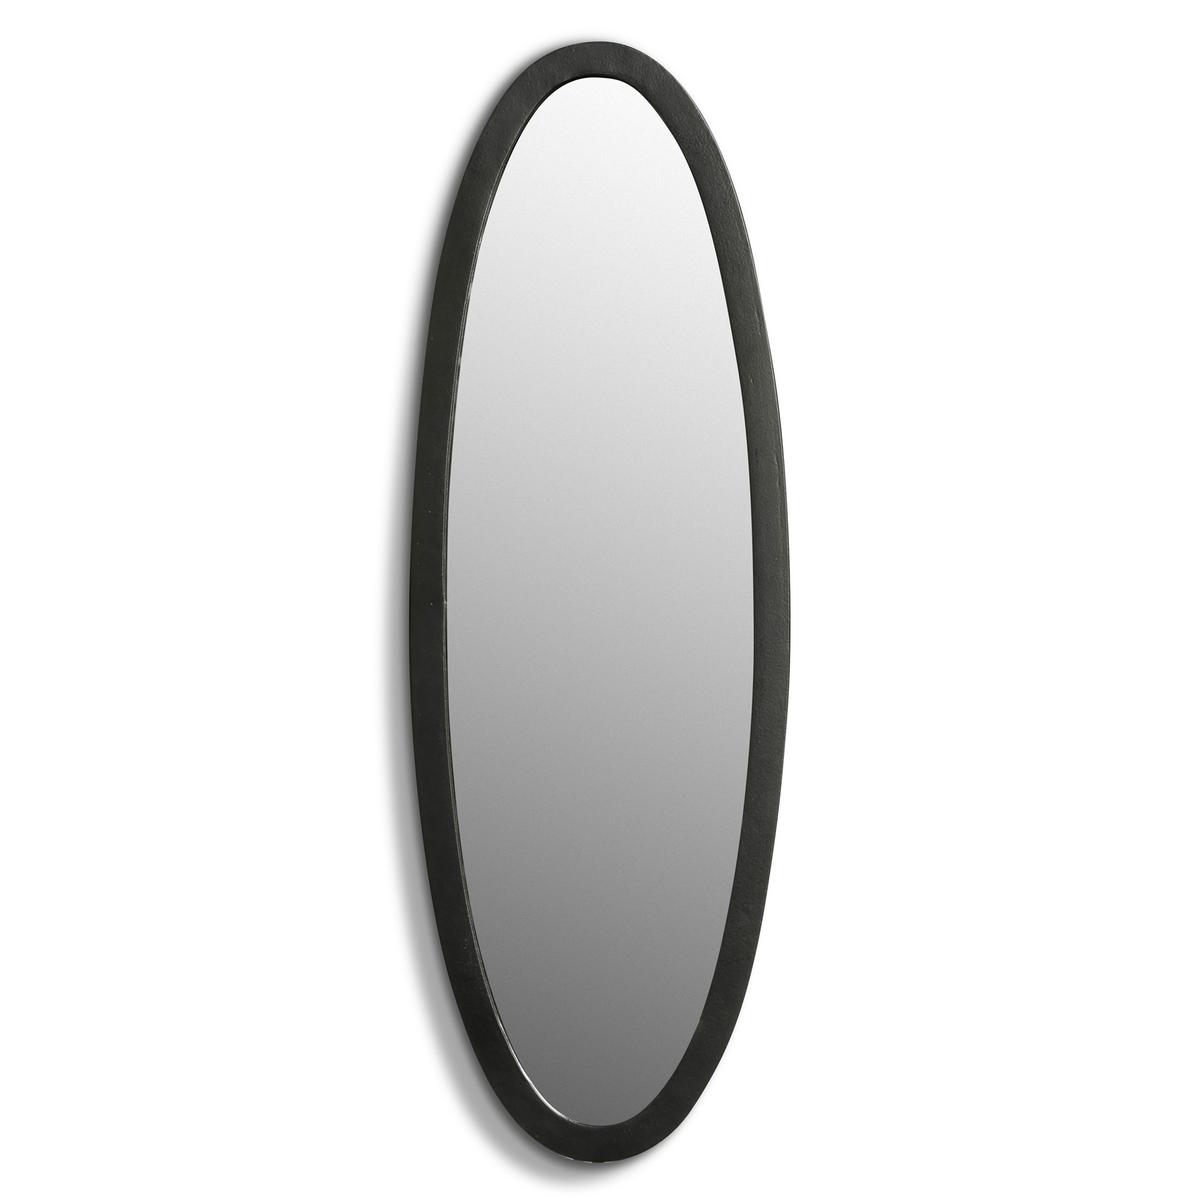 Зеркало настенное Д20 x В59 см, Maddy от La Redoute